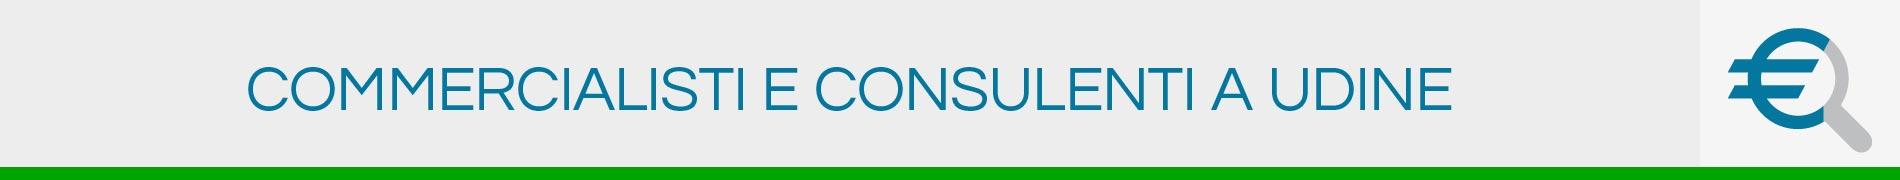 Commercialisti e Consulenti a Udine